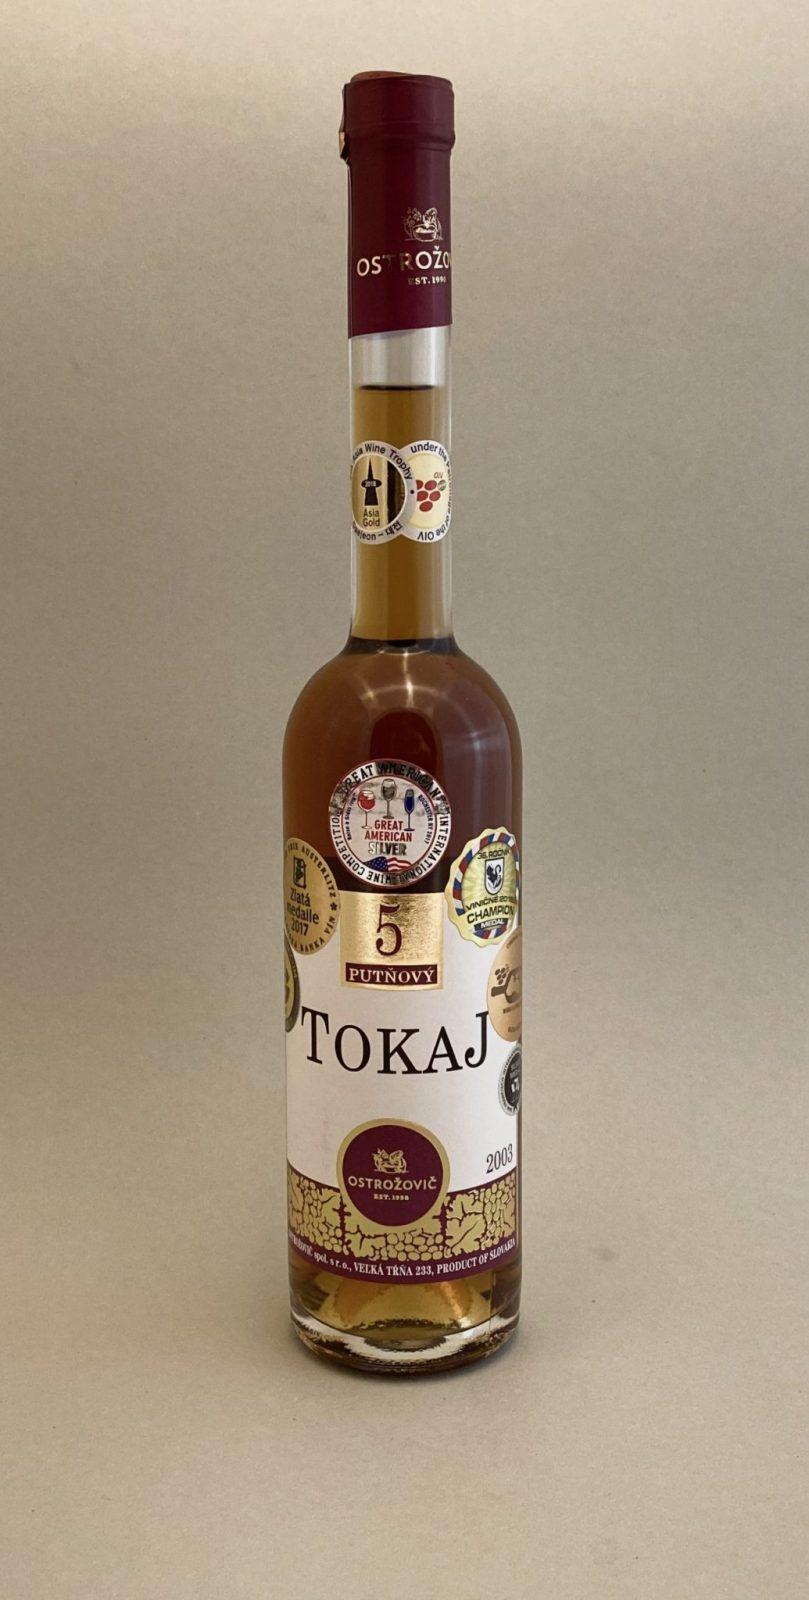 OSTROŽOVIČ Tokaj 5 Putňový 2003, vinotéka v Slnečniciach, slovenské biele víno, Bratislava Petržalka, Sunny Wines